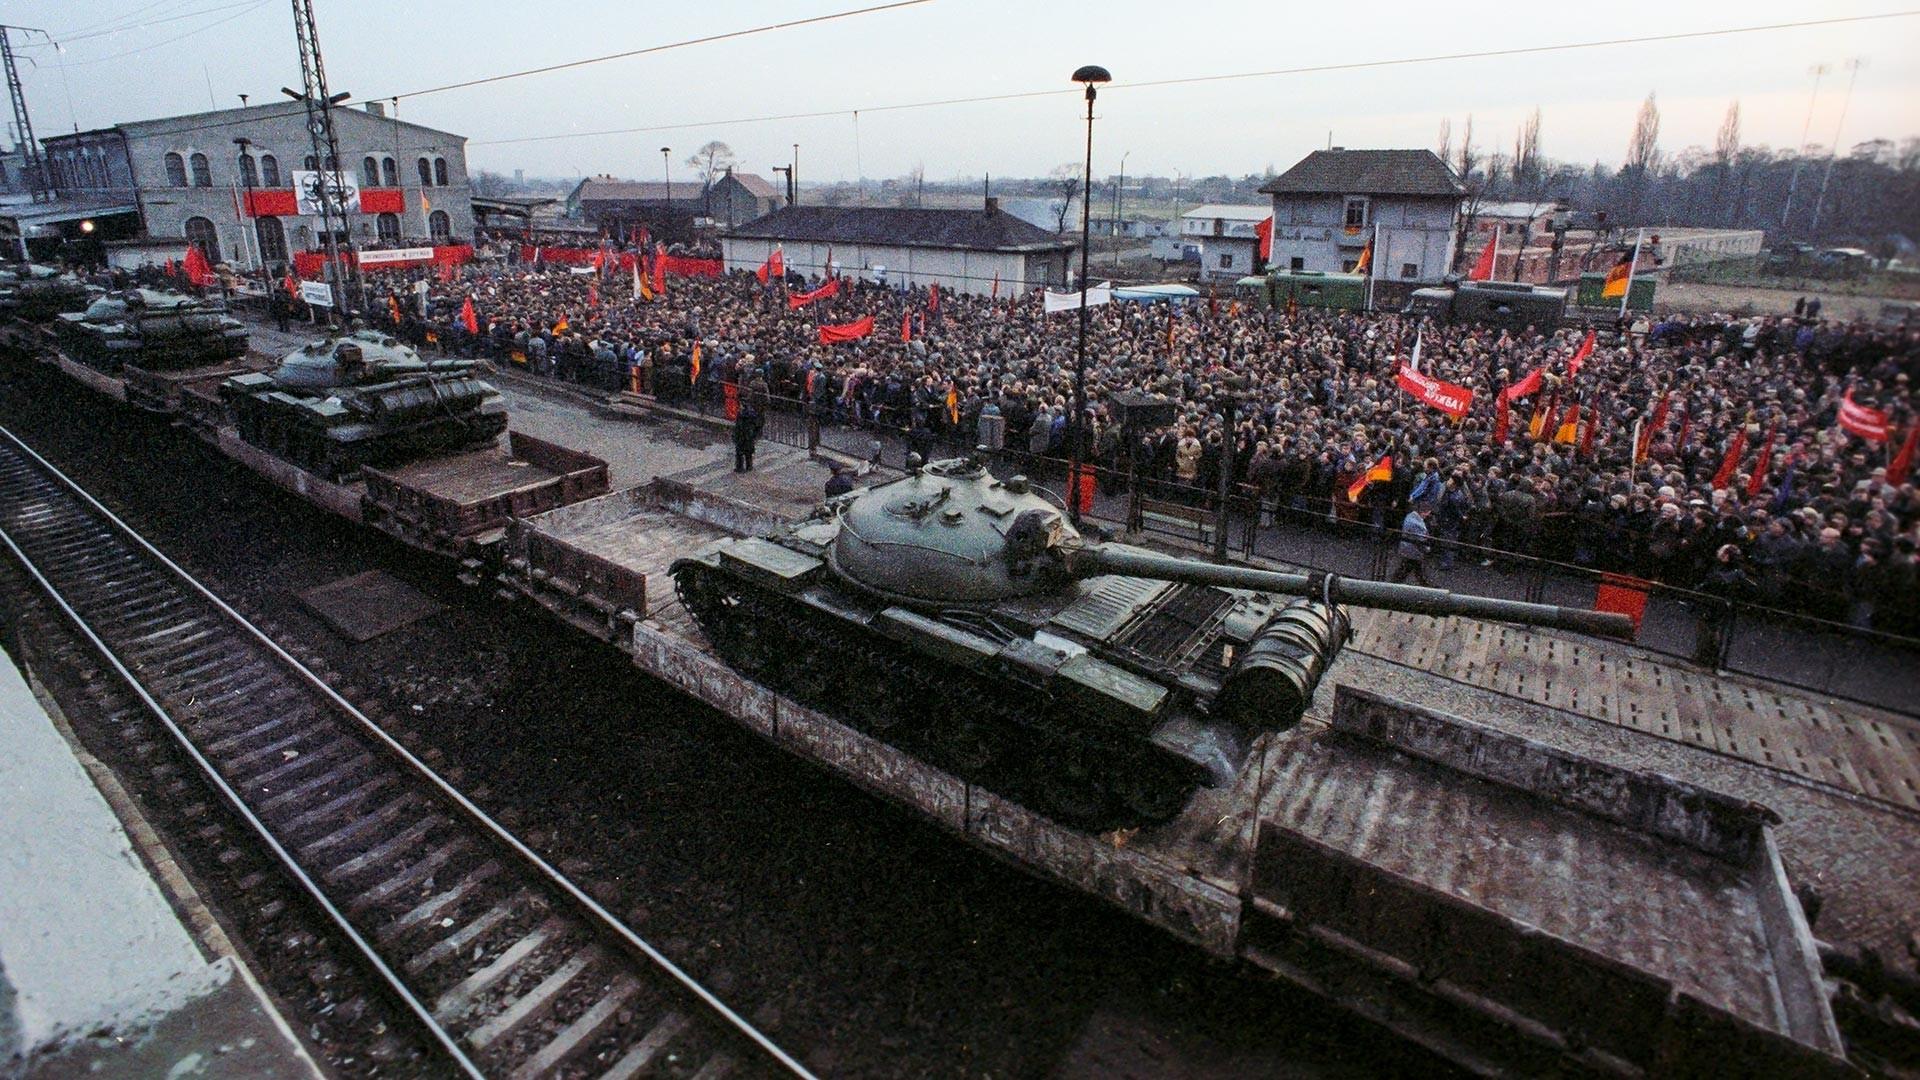 Retrait des unités militaires soviétiques du territoire de la RDA. Rassemblement dans la ville de Wittenberg consacré au départ du premier échelon de chars soviétiques, le 5 décembre 1979.